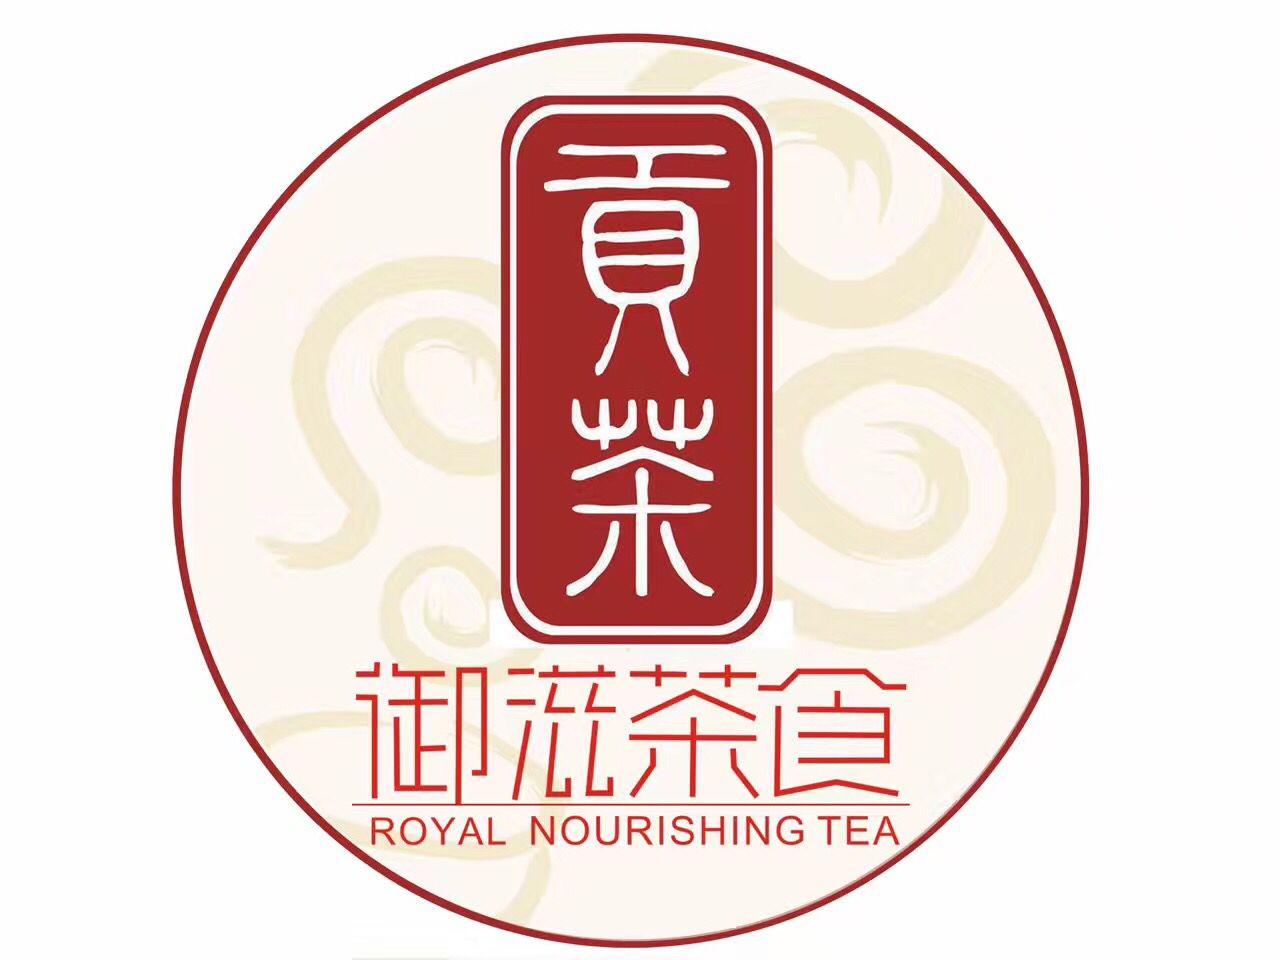 【御滋贡茶】广州v大全大全,点击可以全部1家分乳清蛋白粉查看减脂吗图片